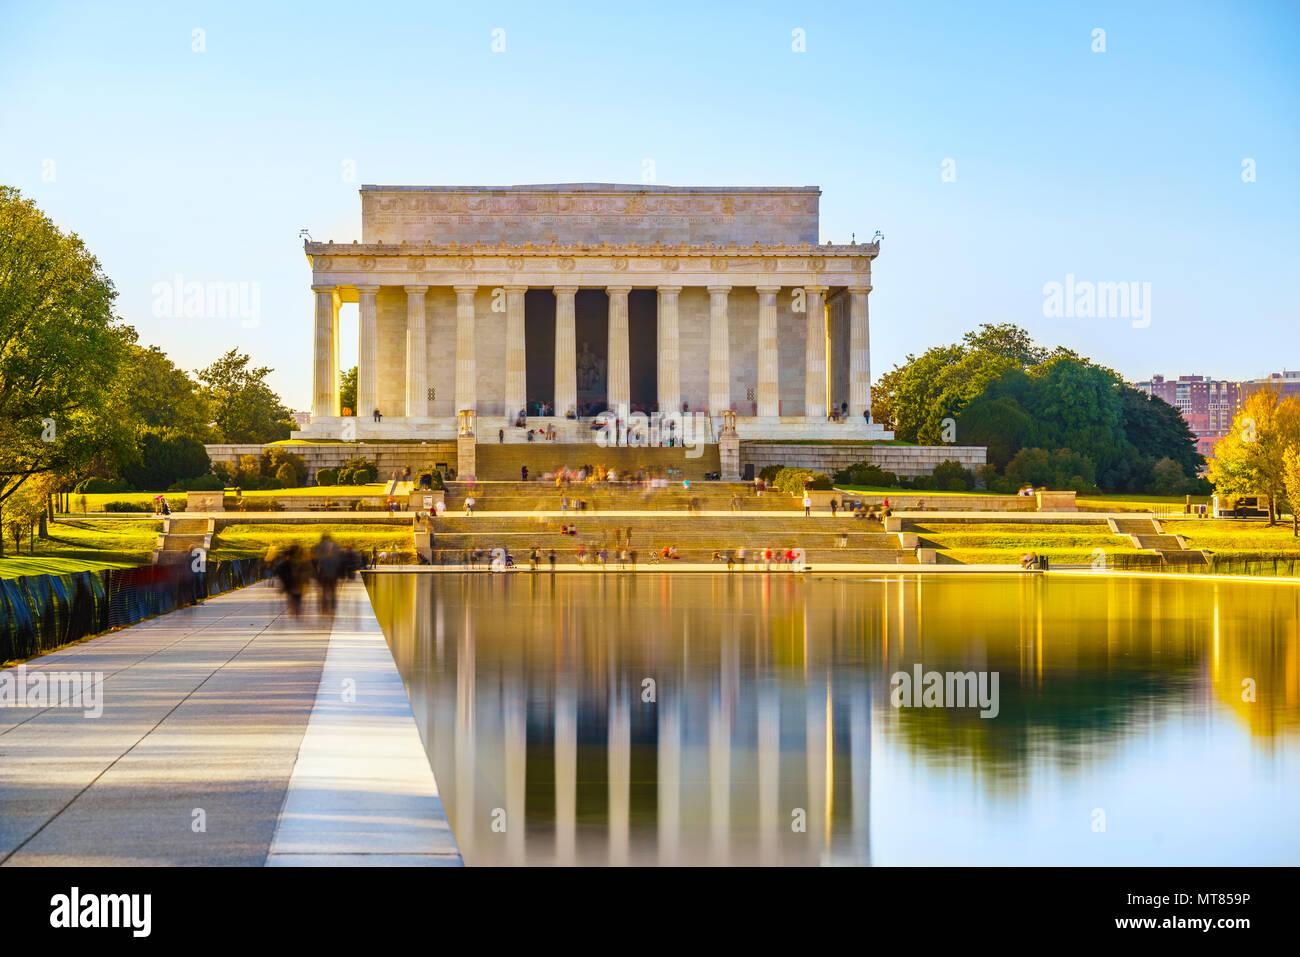 El Lincoln Memorial en Washington D.C. Imagen De Stock